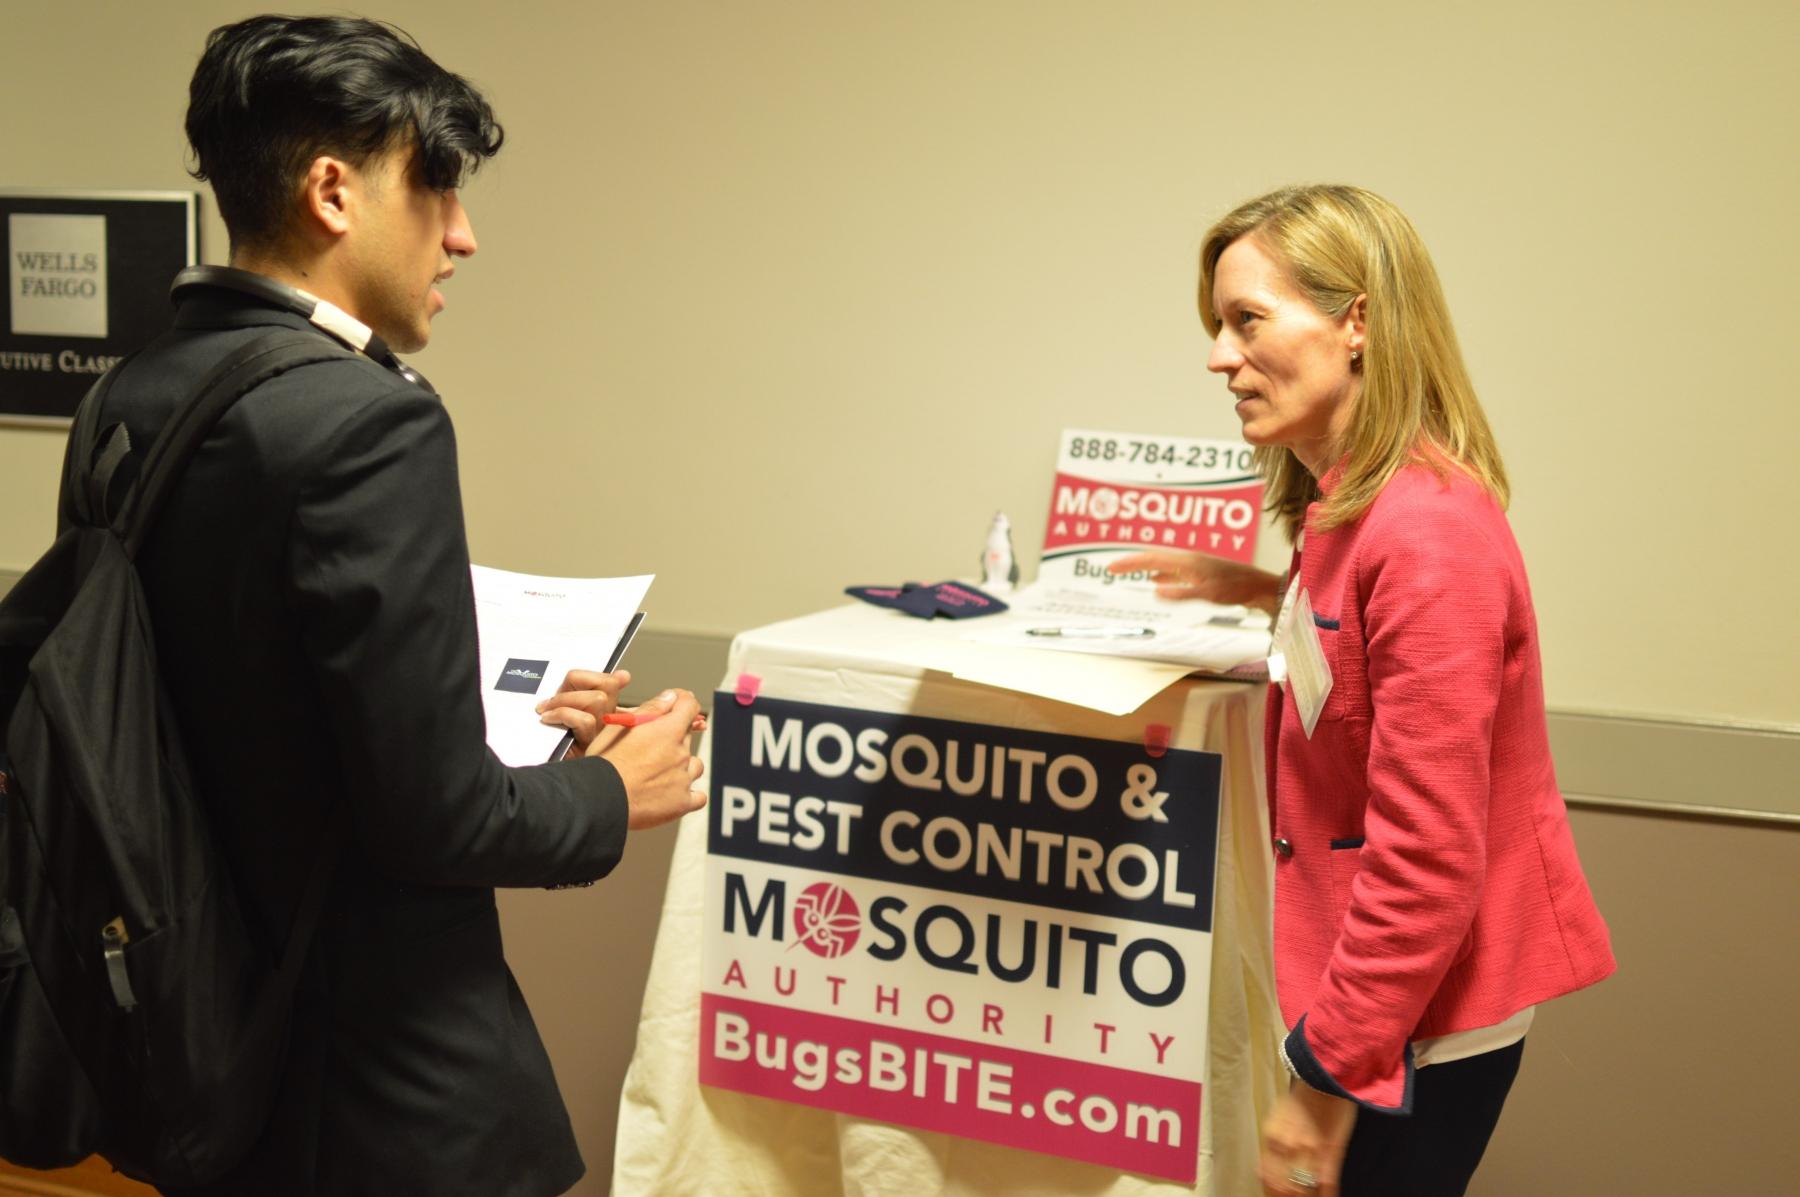 Mosquito-Authority-3